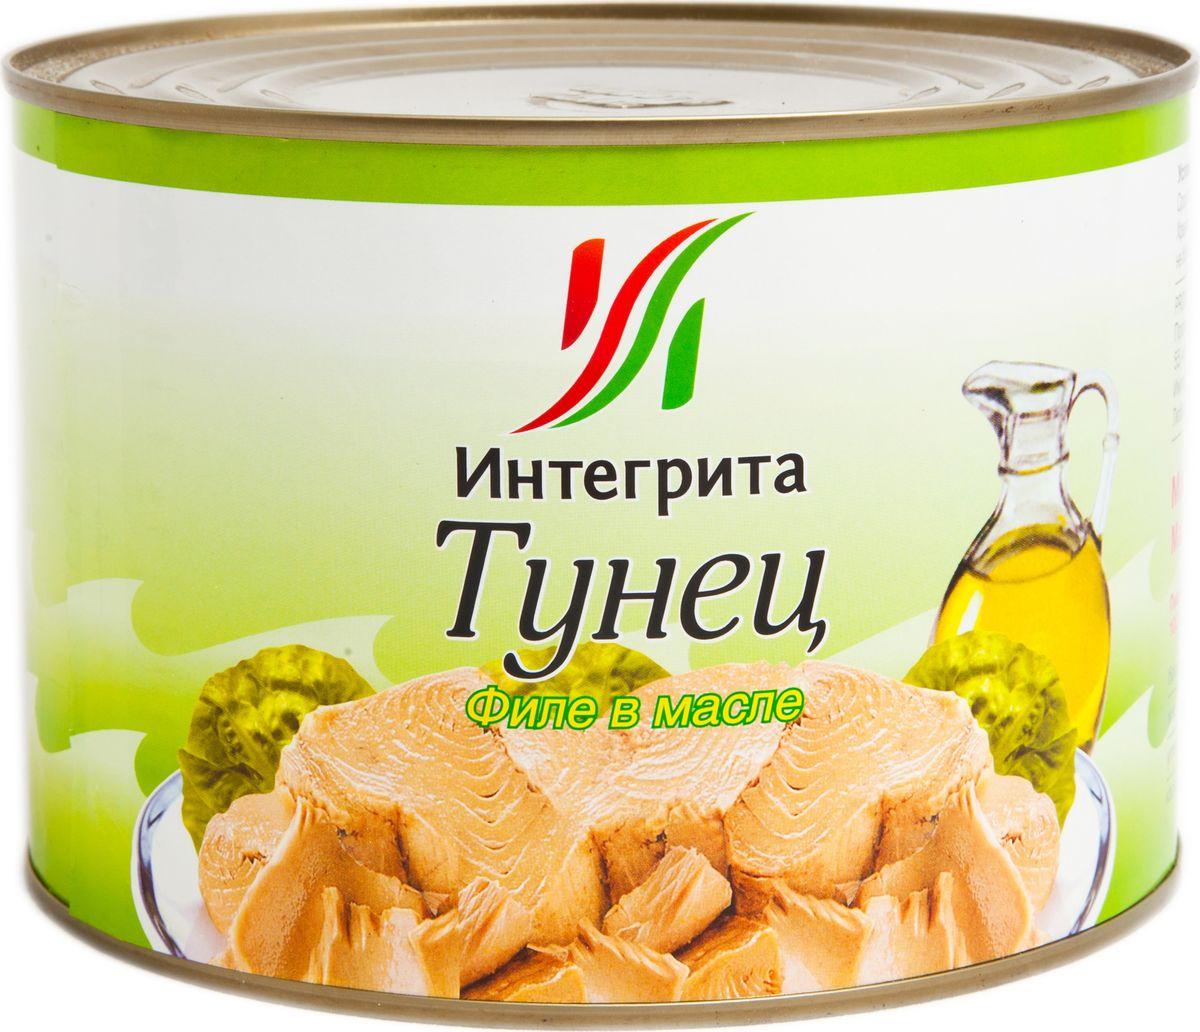 Integrita тунец филе в масле, 1,7 кгМС-00001025Приготовлен из мяса молодого тунца. Отличается нежным цветом и приятным вкусом. Идеален для приготовления салатов, закусок, горячих бутербродов и других вкусных блюд.